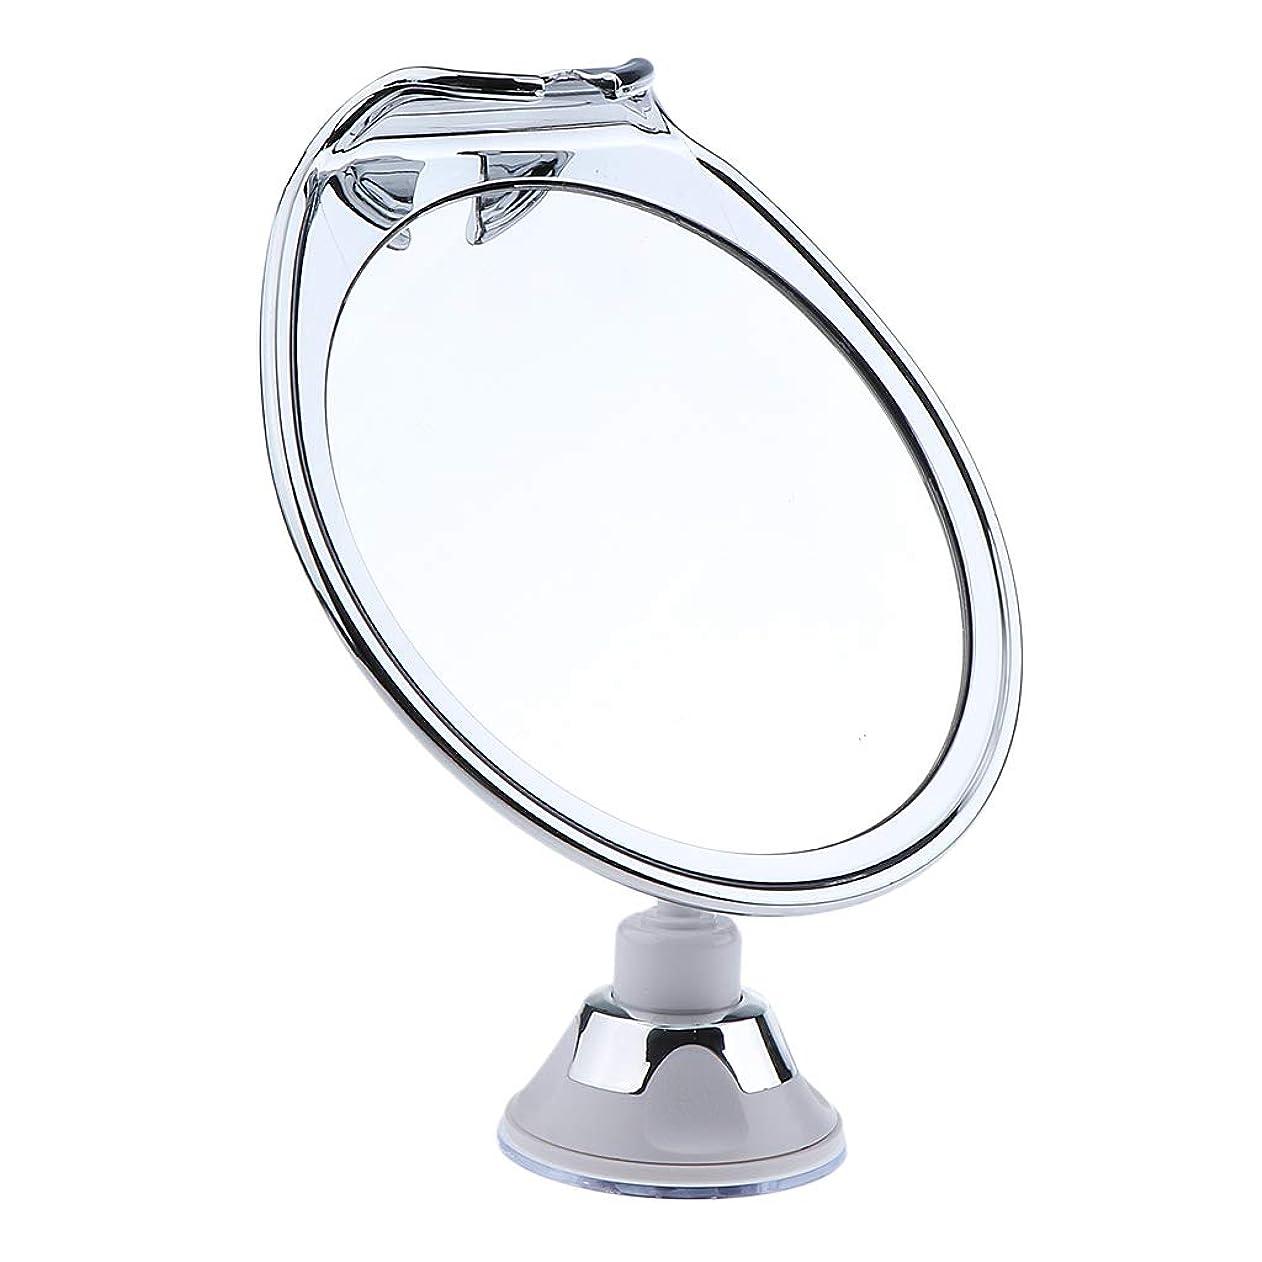 潜在的な感覚変換するP Prettyia メイクアップミラー フォグレス 曇らない ミラー 吸引カップ 浴室鏡